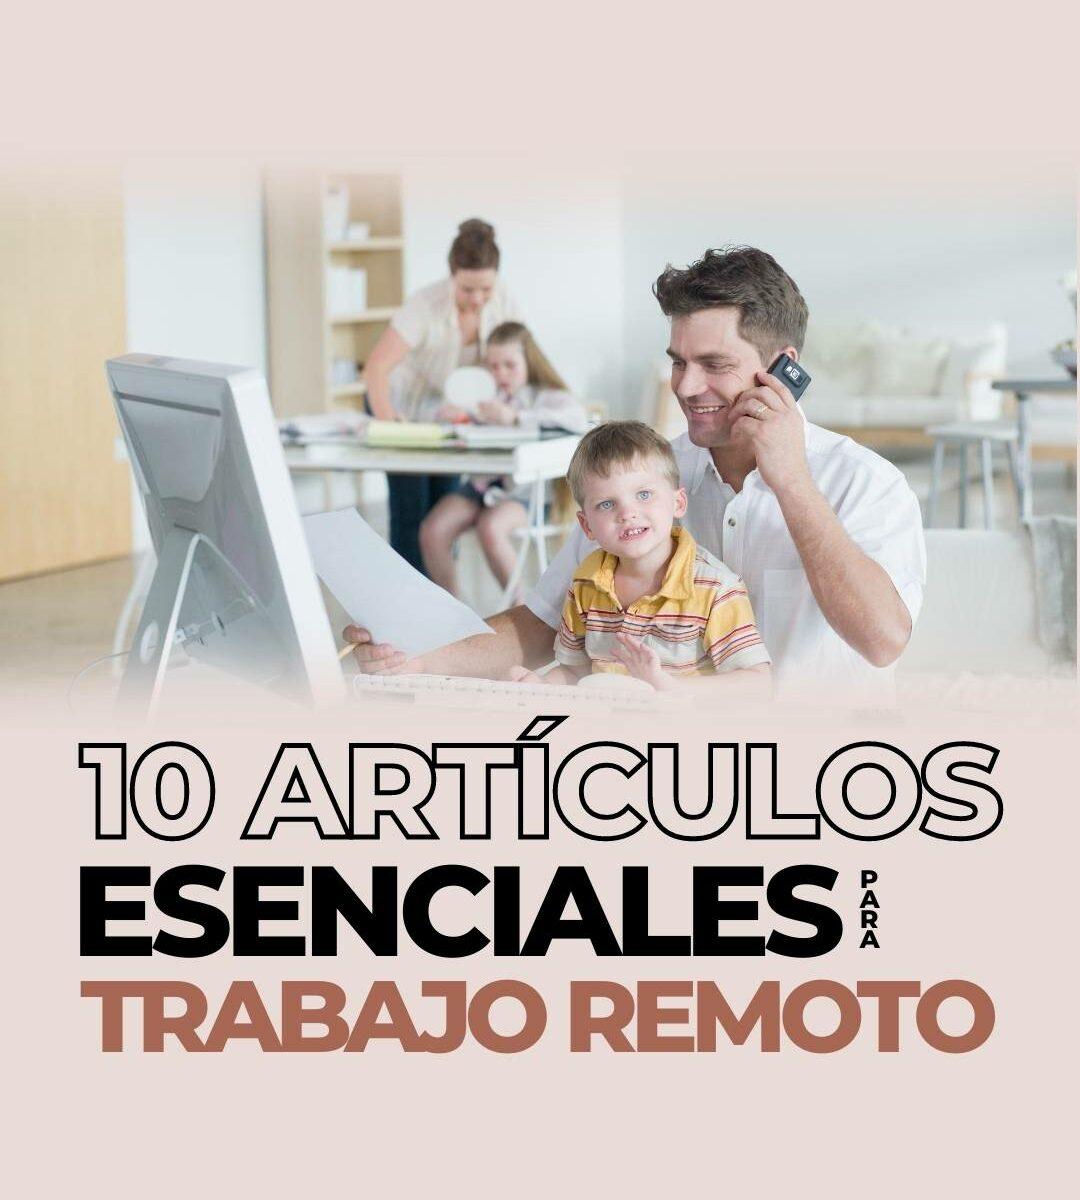 articulos esenciales para trabajo remoto